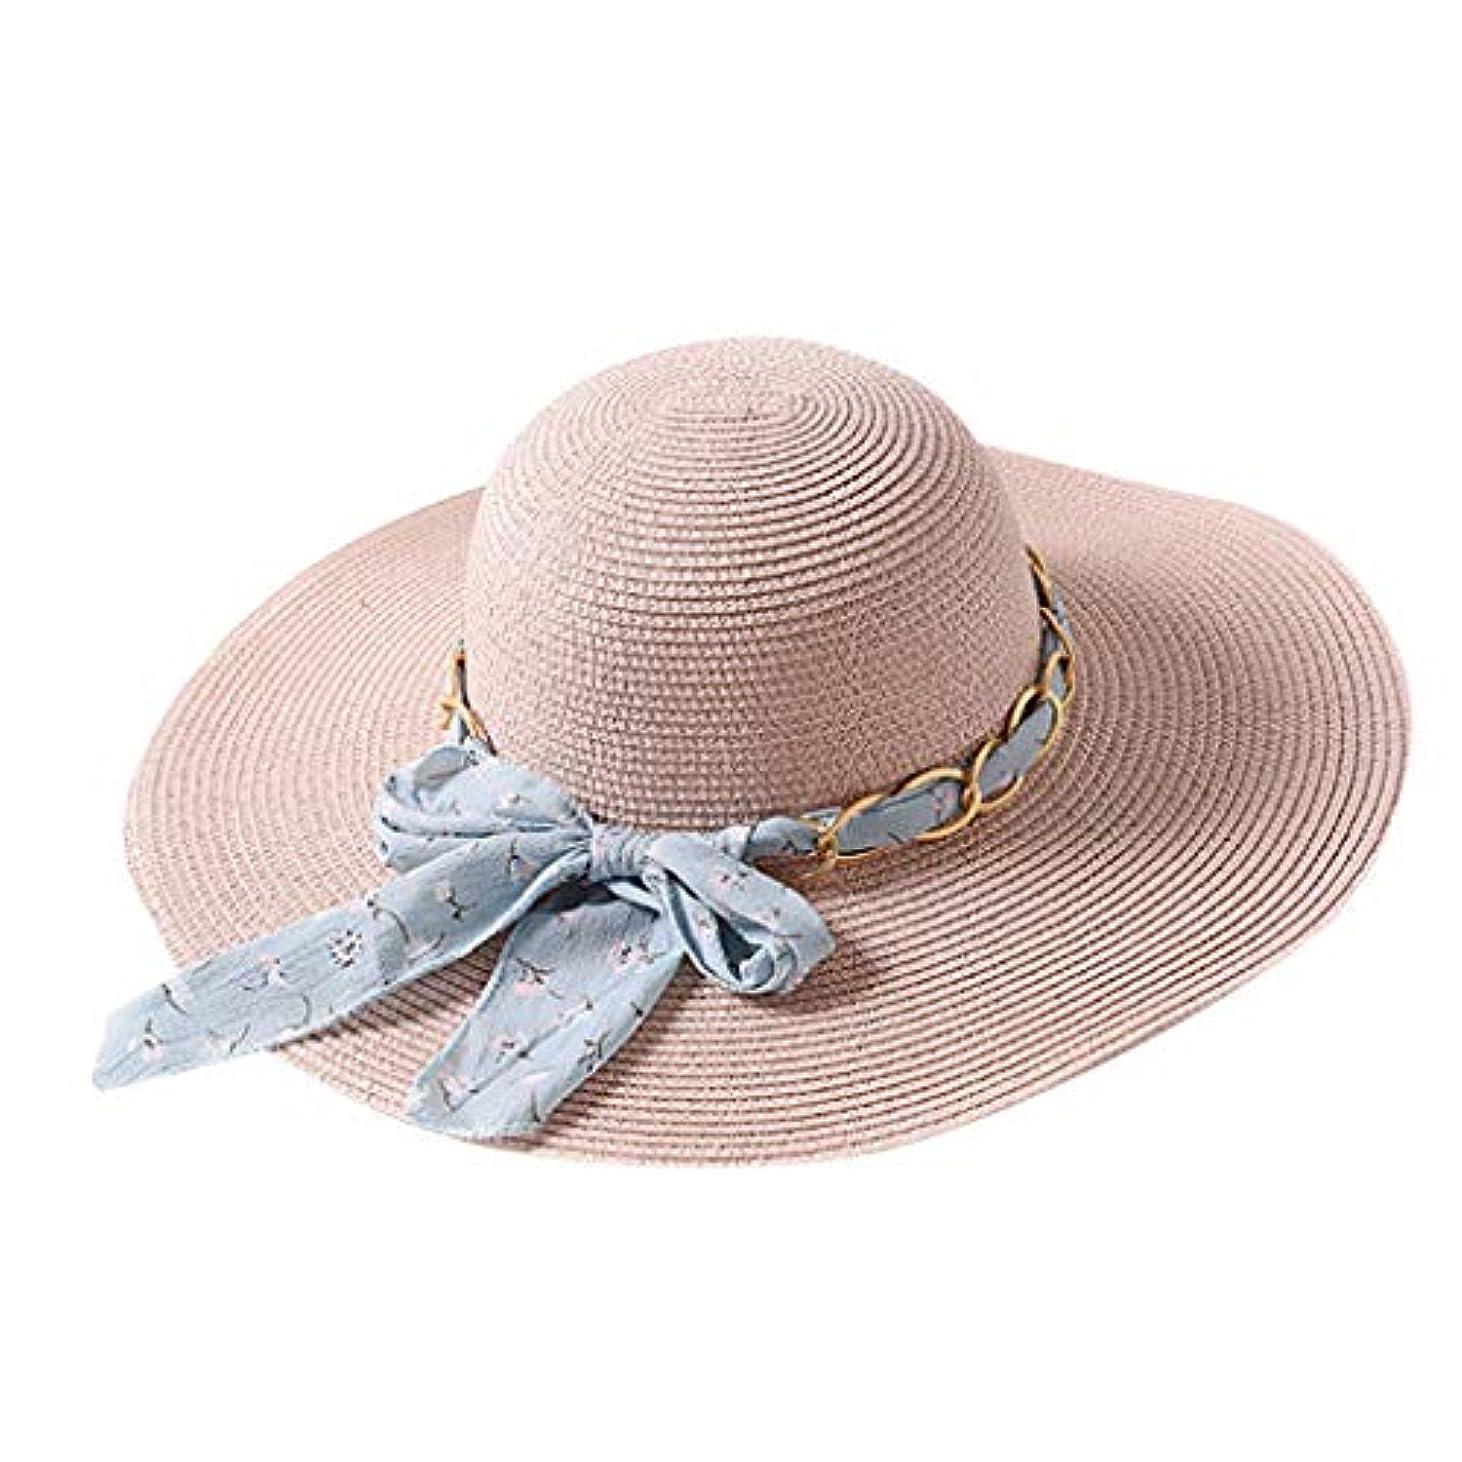 守銭奴モネ適合しましたファッション小物 夏 帽子 レディース UVカット 帽子 ハット レディース 紫外線対策 日焼け防止 取り外すあご紐 つば広 おしゃれ 可愛い 夏季 折りたたみ サイズ調節可 旅行 女優帽 小顔効果抜群 ROSE ROMAN